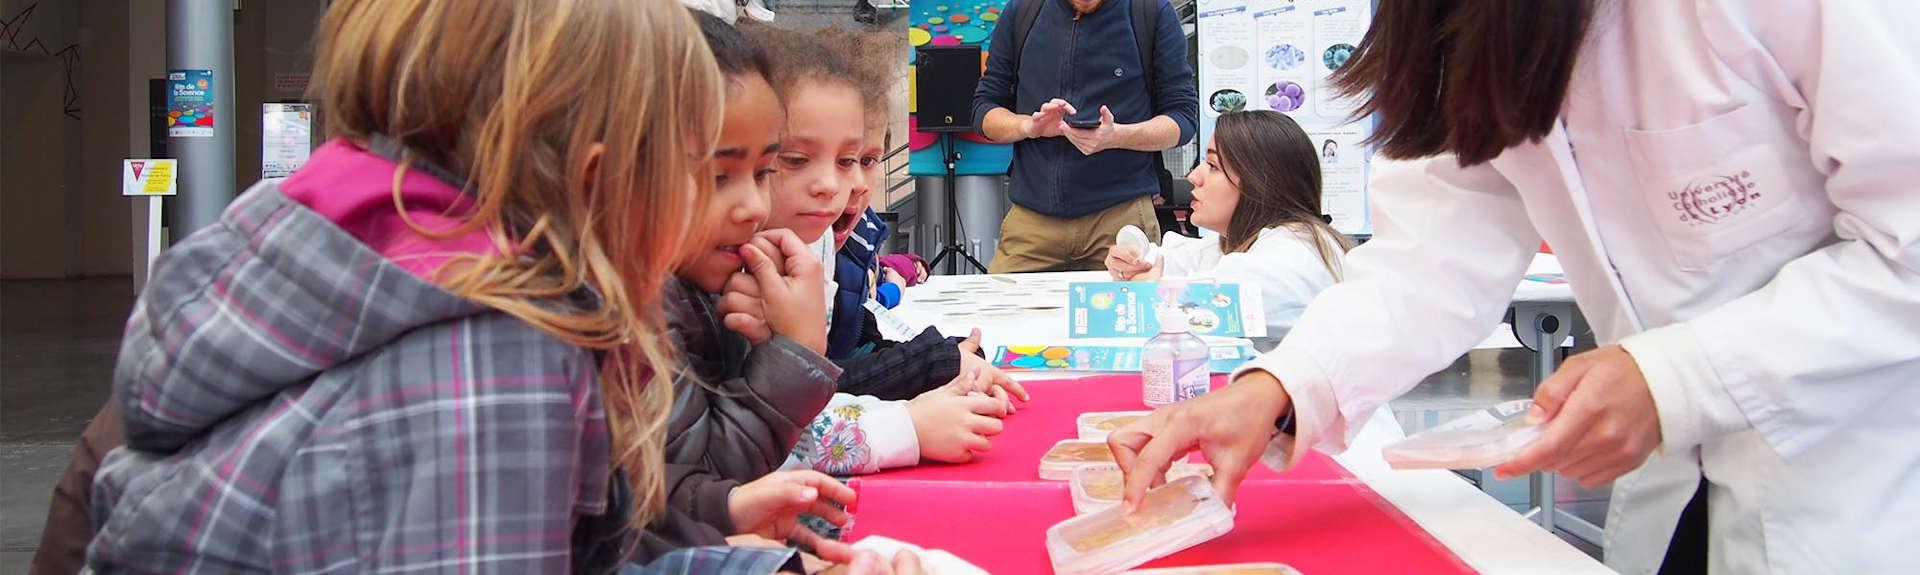 header-fete-science-enfants-demonstration